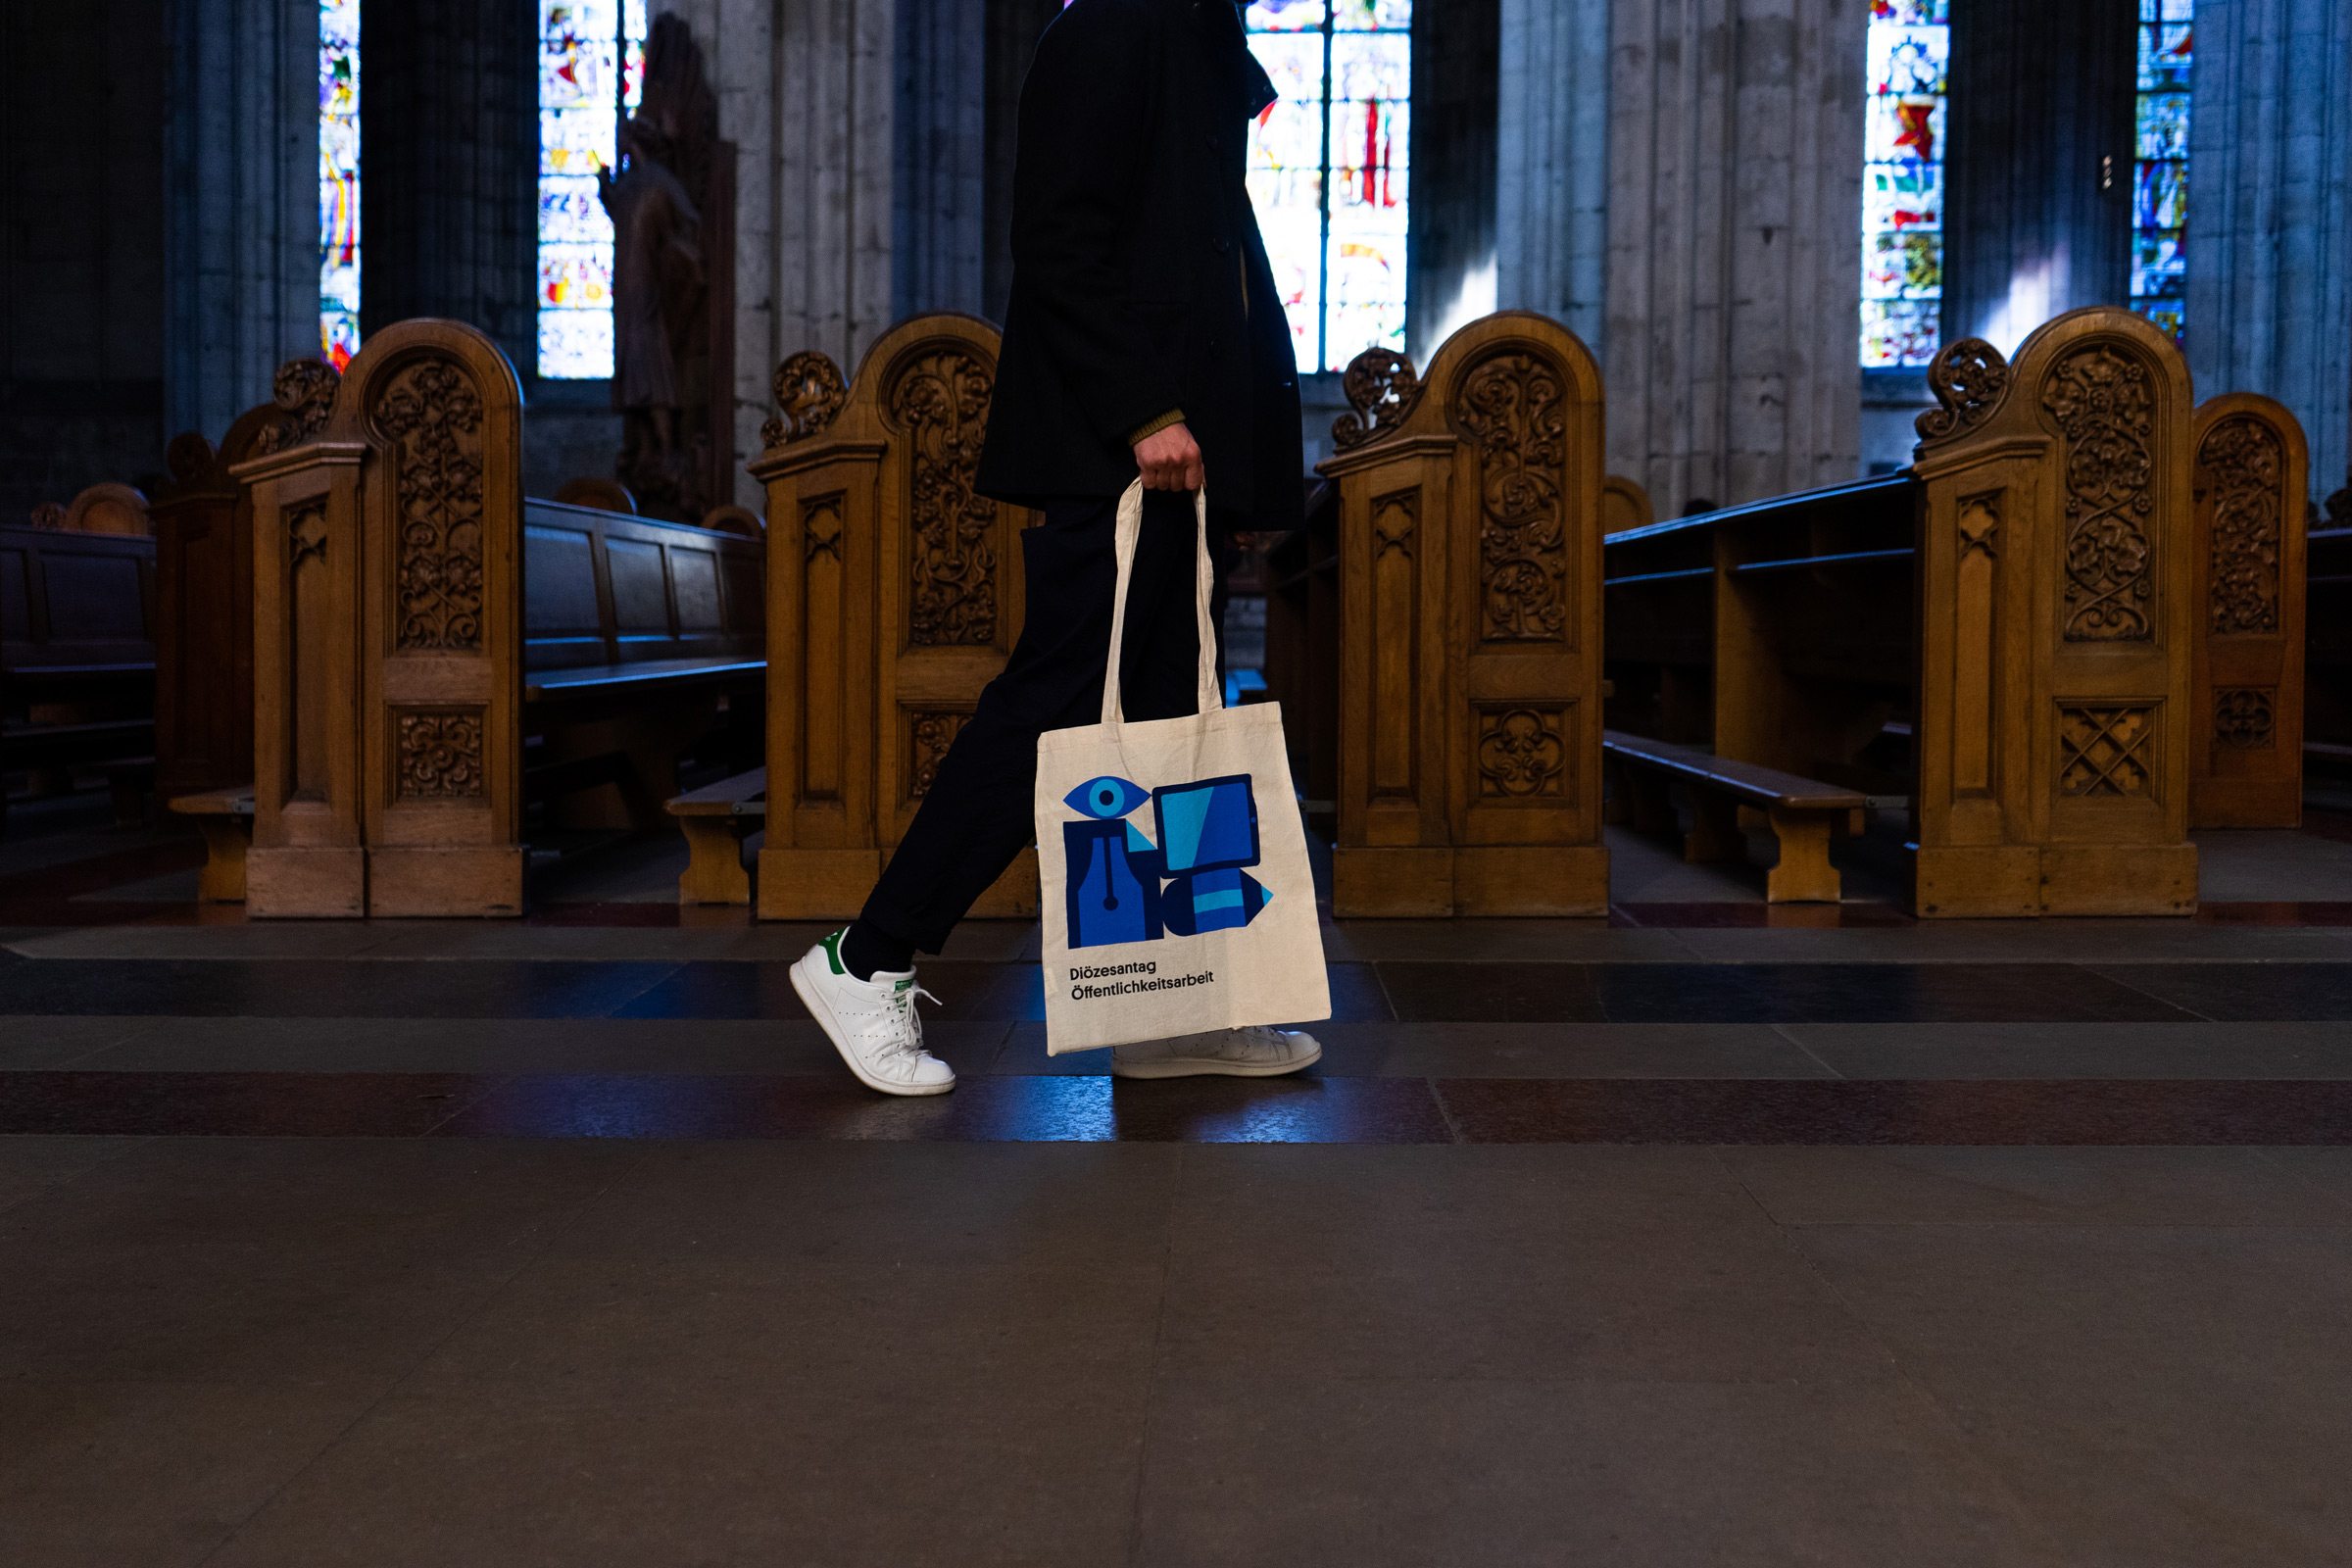 Erzbistum, Identity, Katholische Kirche, Poster, Köln, Cologne, Design, Diözesantag Öffentlichkeitsarbeit